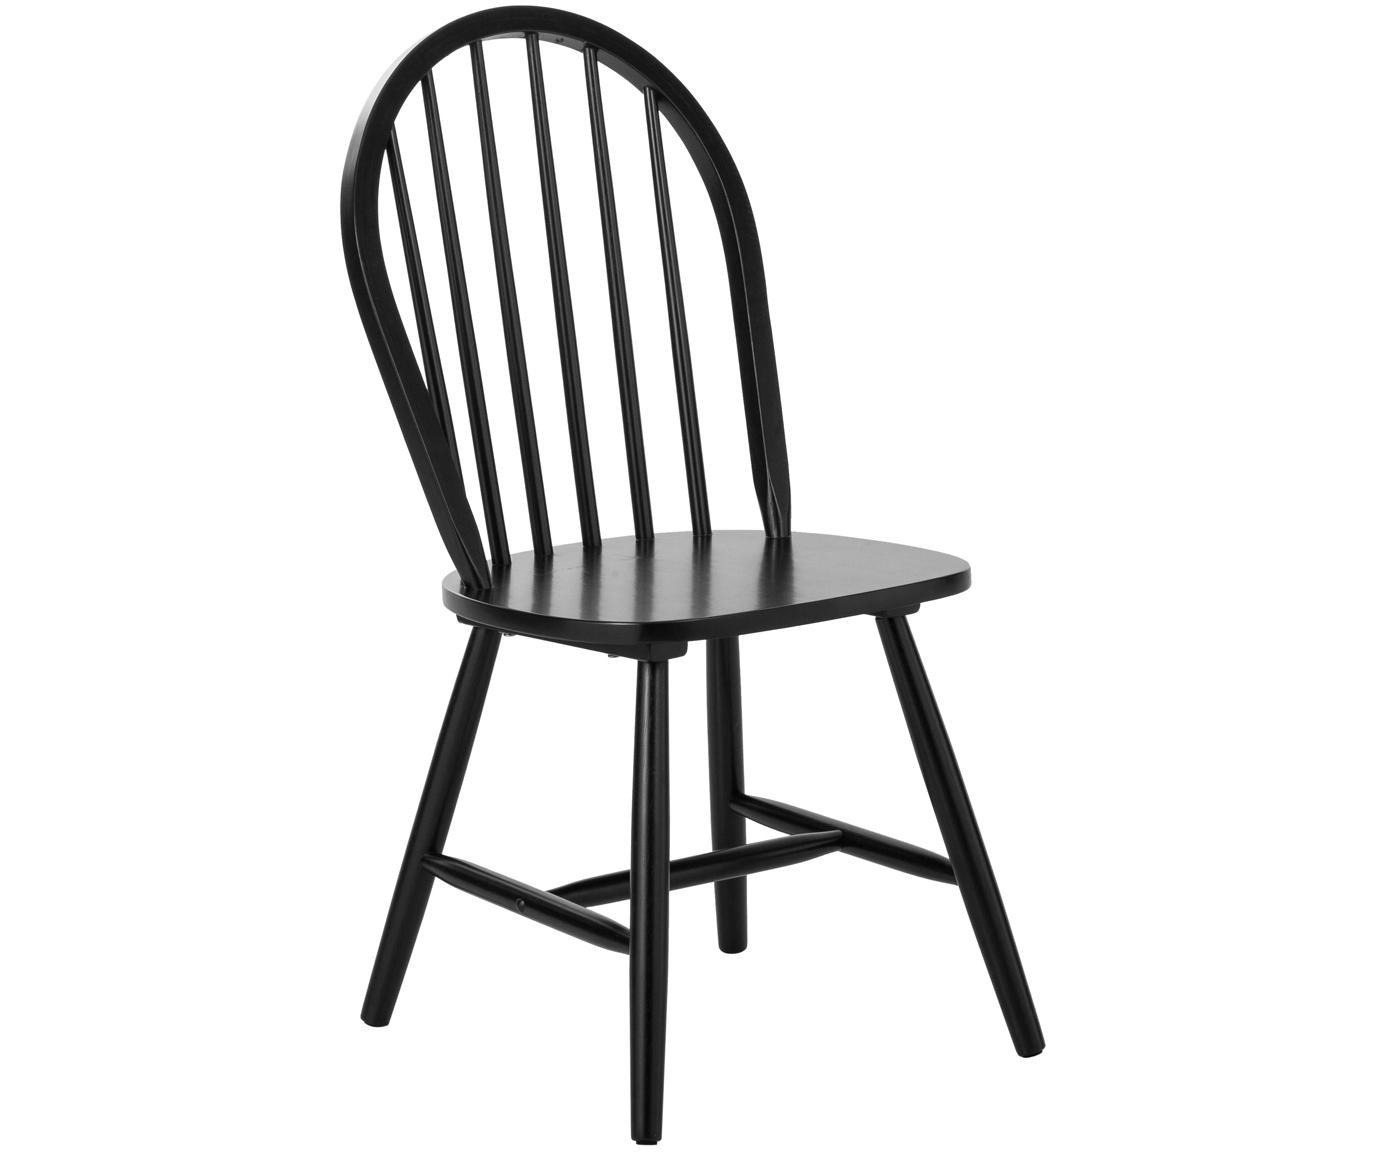 Krzesło z drewna Jonas, 2 szt., Drewno kauczukowe, lakierowane, Czarny, S 46 x G 51 cm